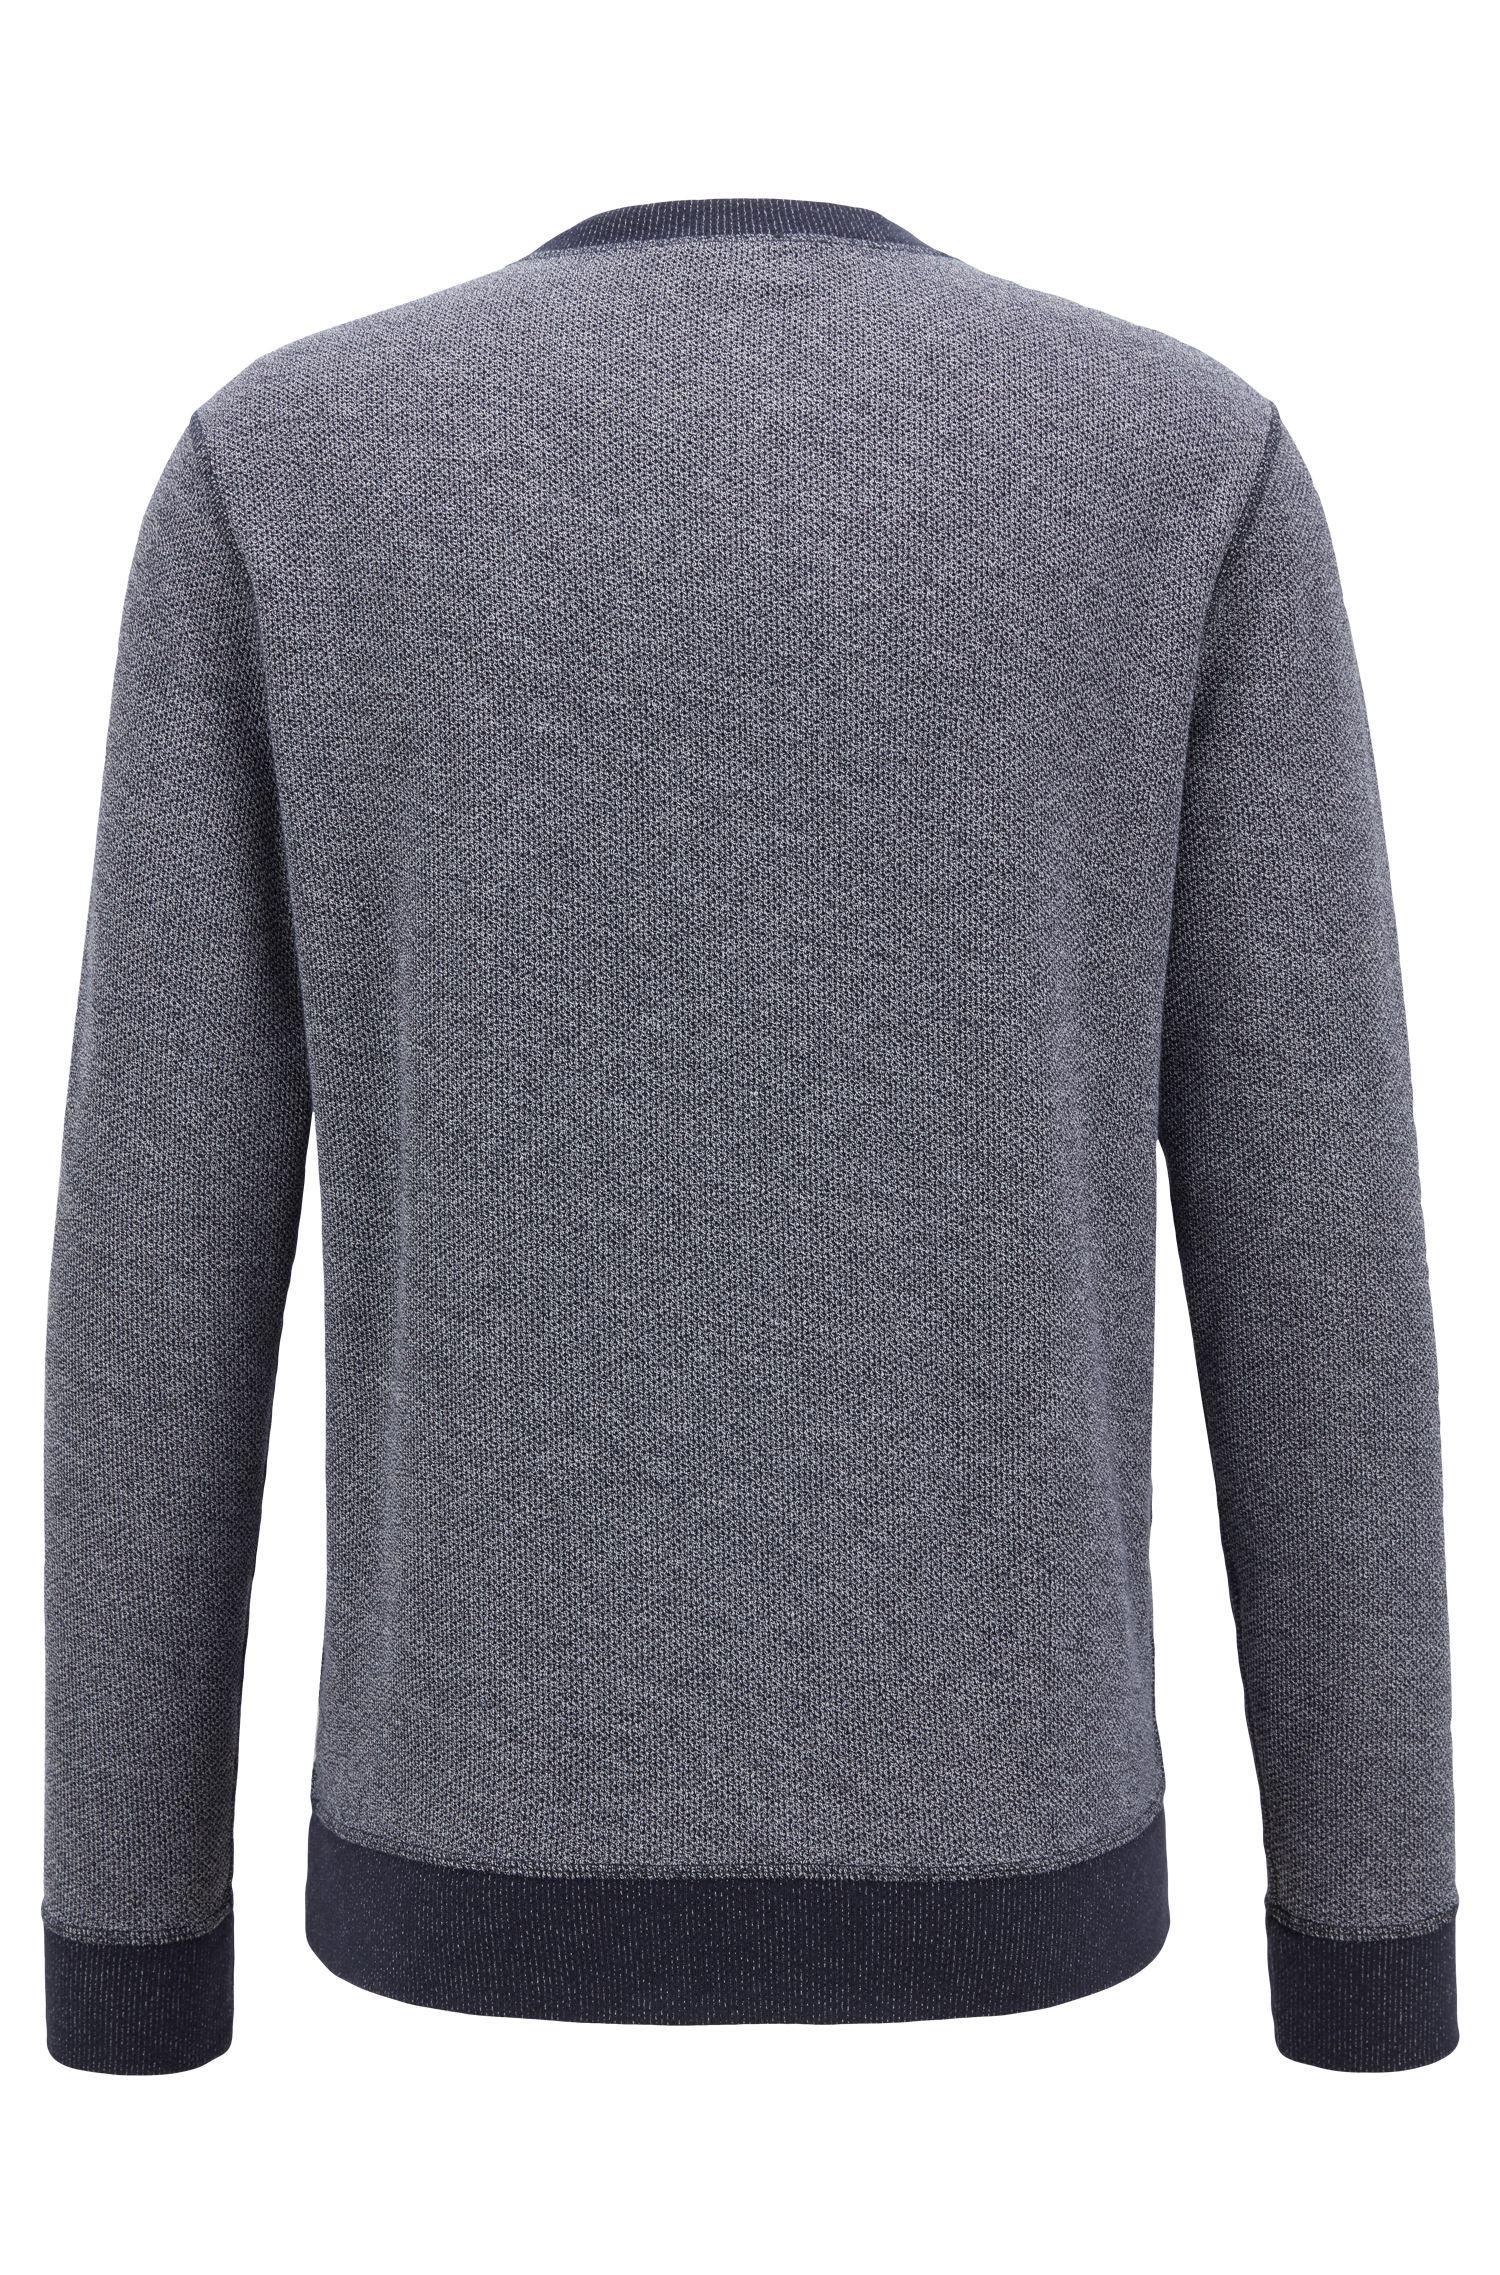 Tweezijdig te dragen sweater van katoen met meshstructuur en contrastdetails, Donkerblauw